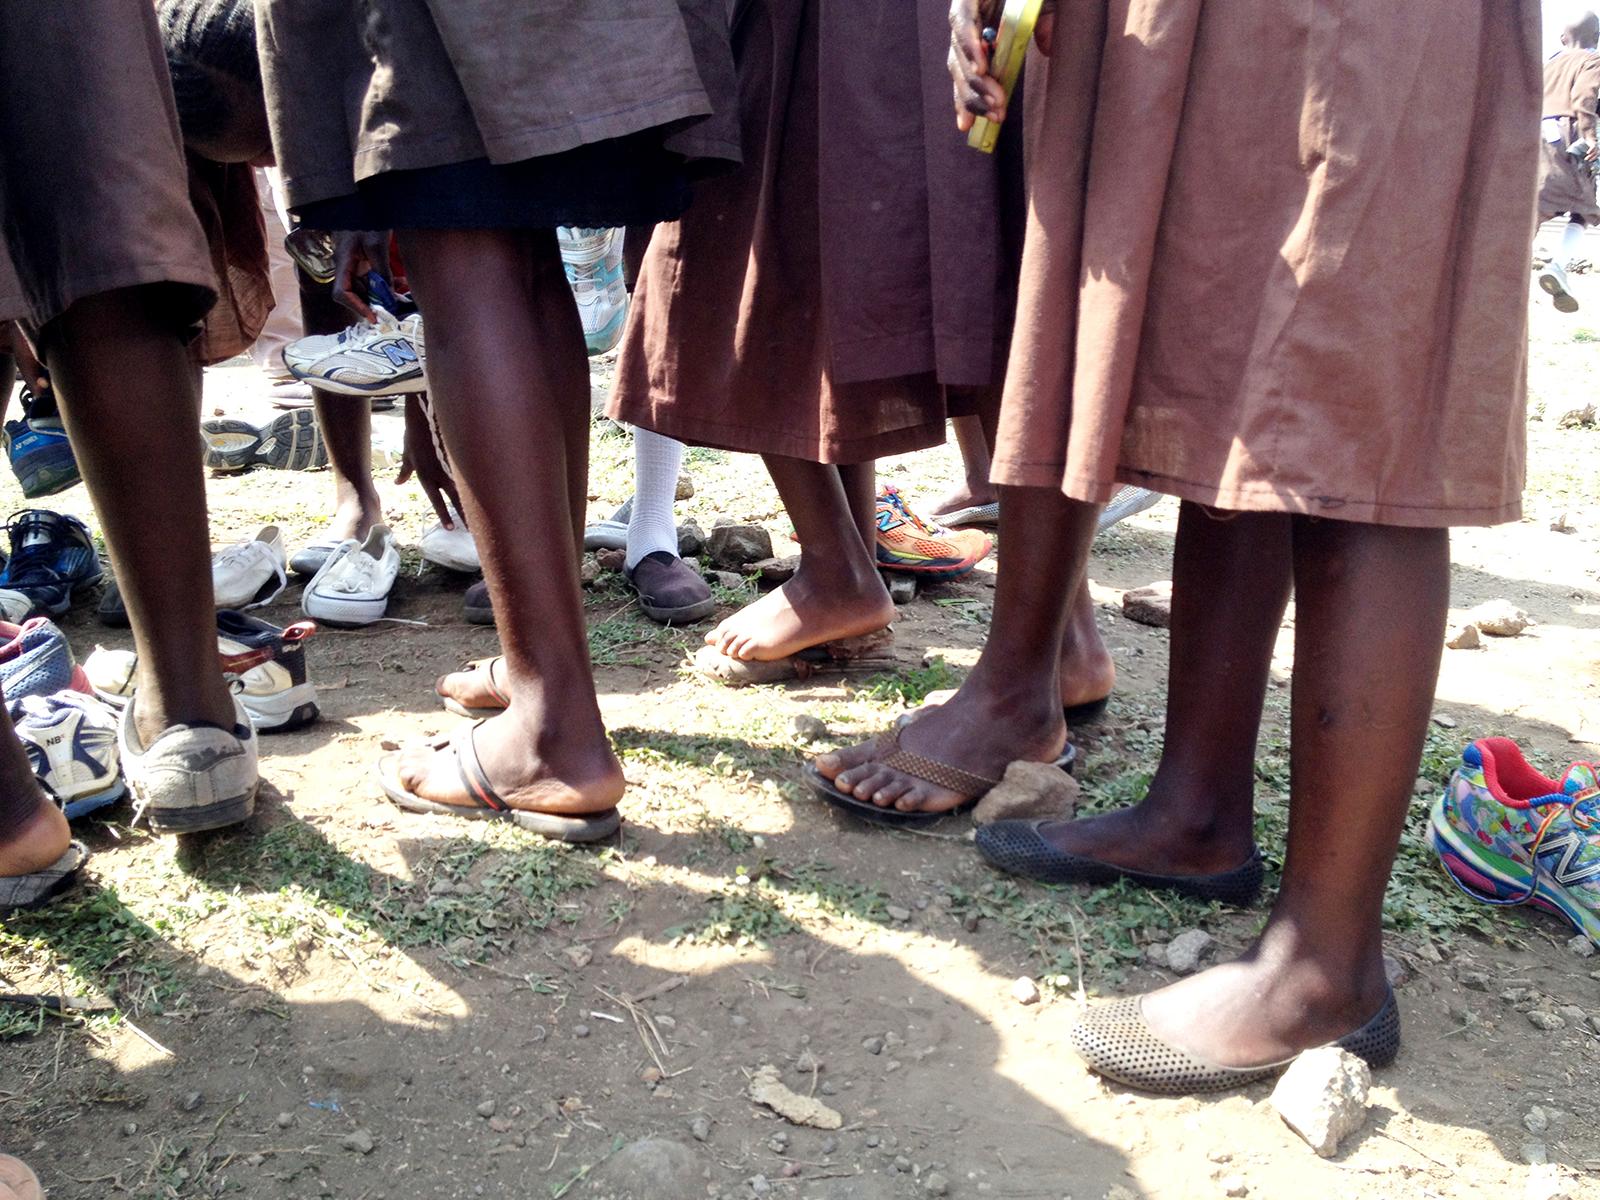 オセノ小学校で。サンダル履きの子どもが多い。